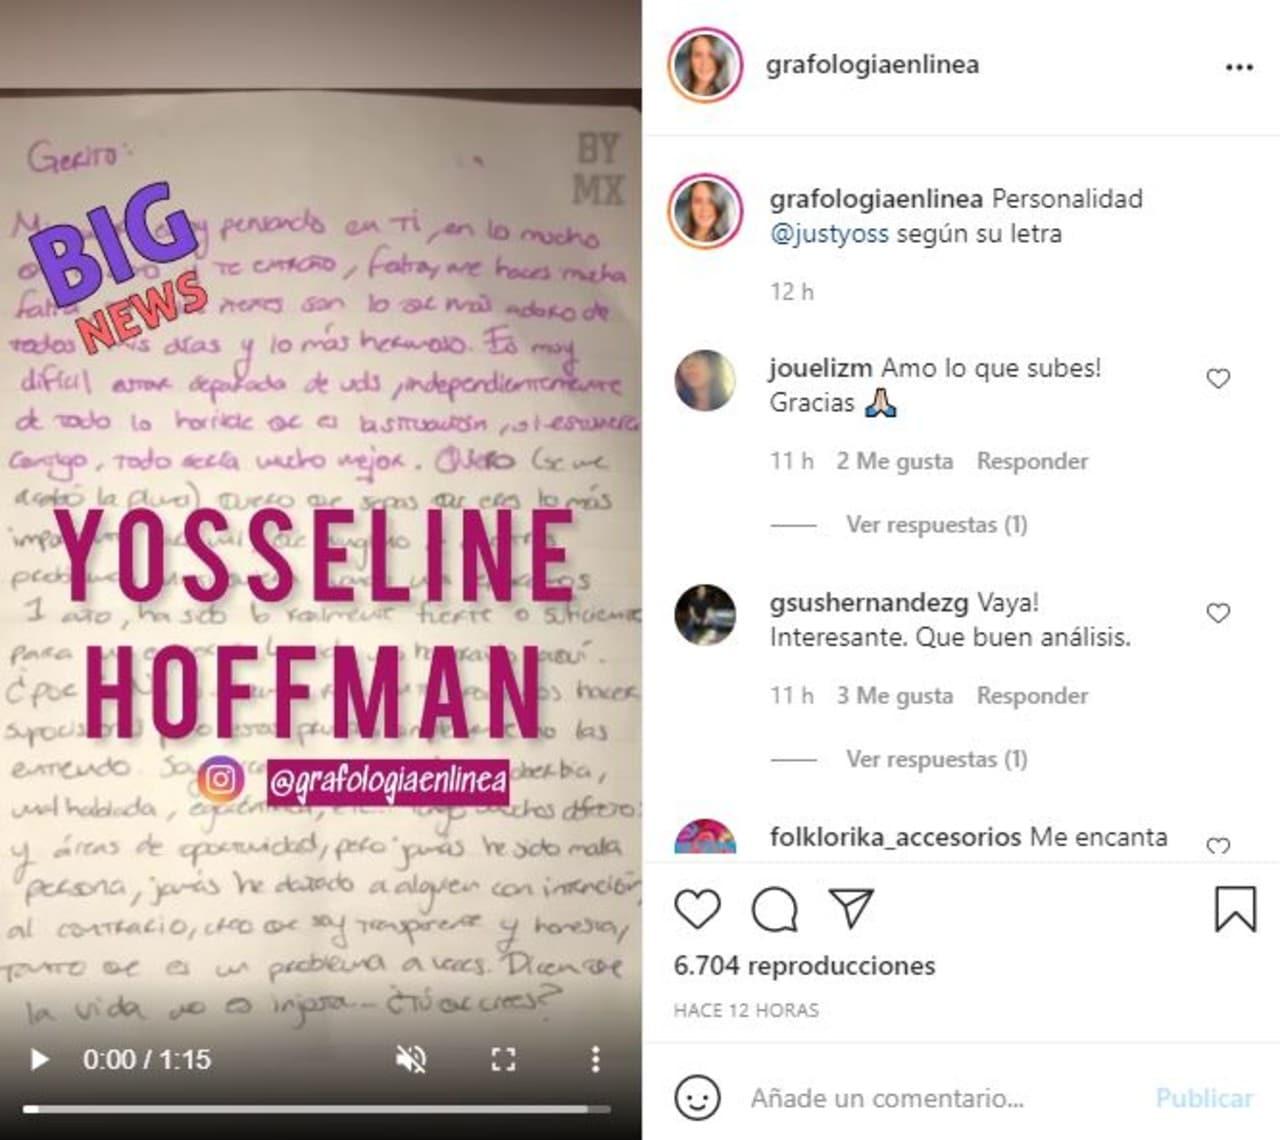 Análisis grafológico a carta de YosStop muestra que es narcisista